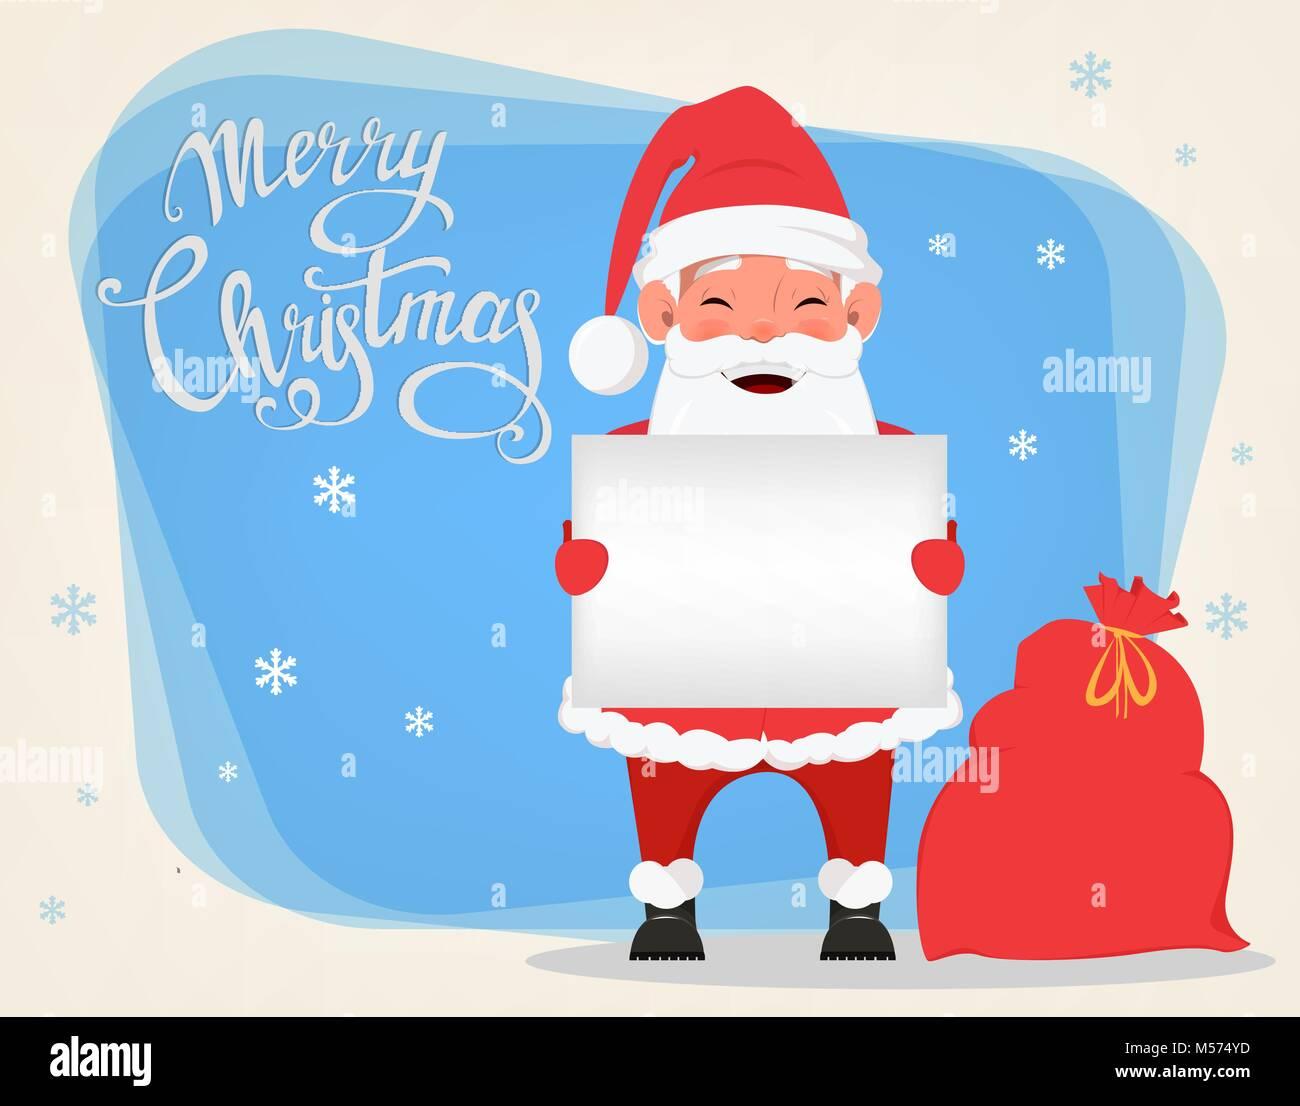 Frohe Weihnachten Und Einen Guten Rutsch Ins Neue Jahr Grusskarte Mit